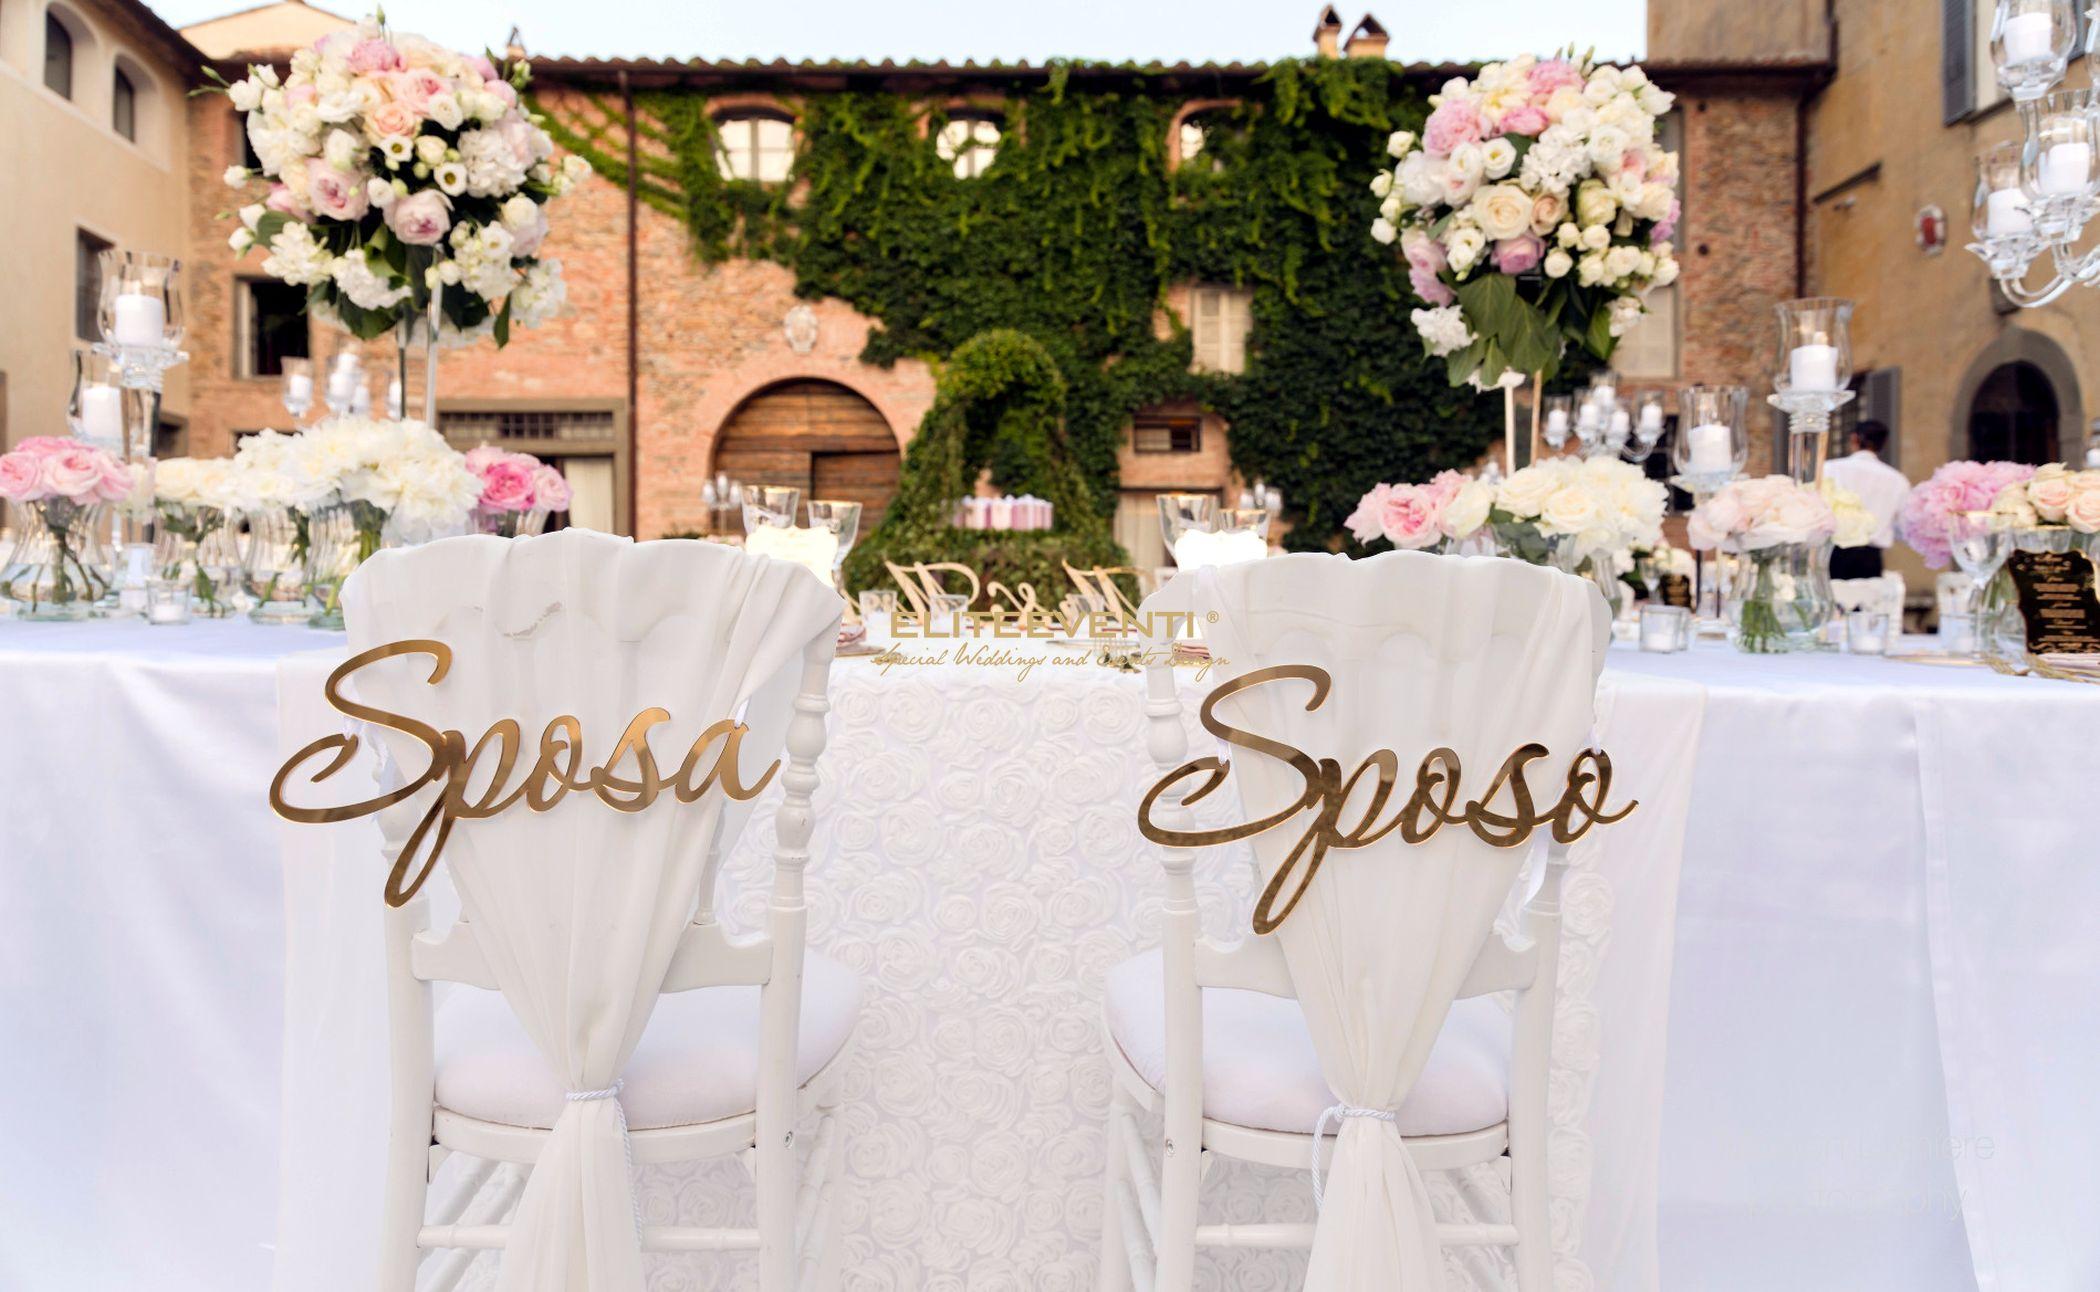 Decorazioni matrimonio a Villa Scorzi - By Eliteeventi